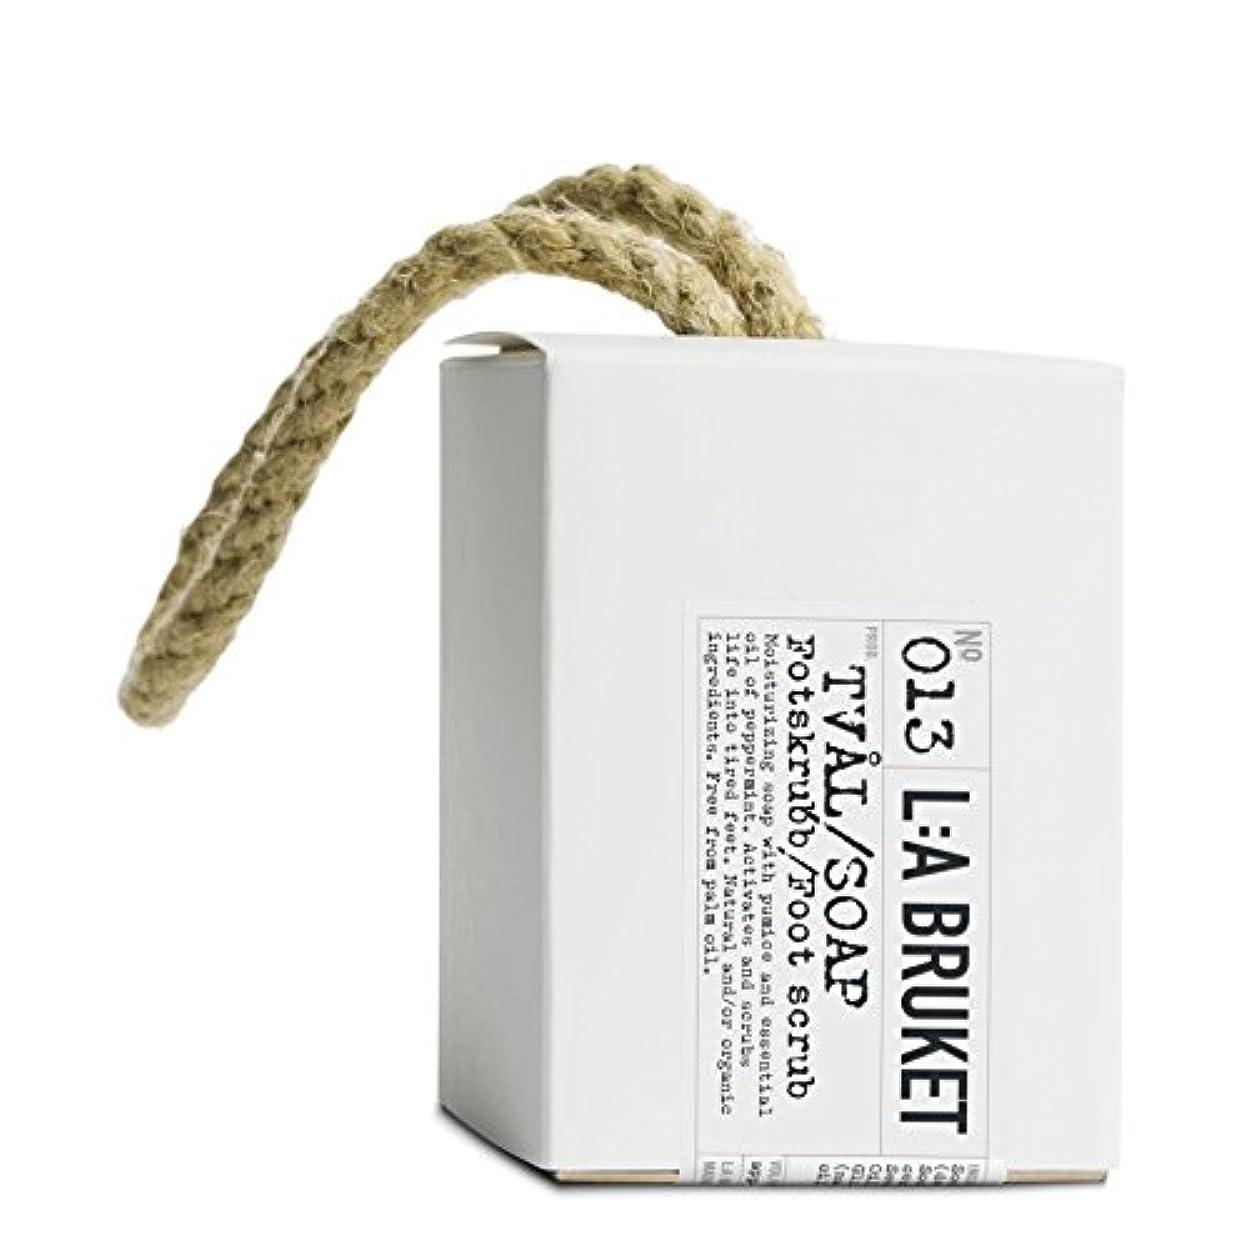 意味レンジ別々にL:A Bruket Foot Scrub Soap on a Roap 240g - :の240グラムのフットスクラブ石鹸 [並行輸入品]